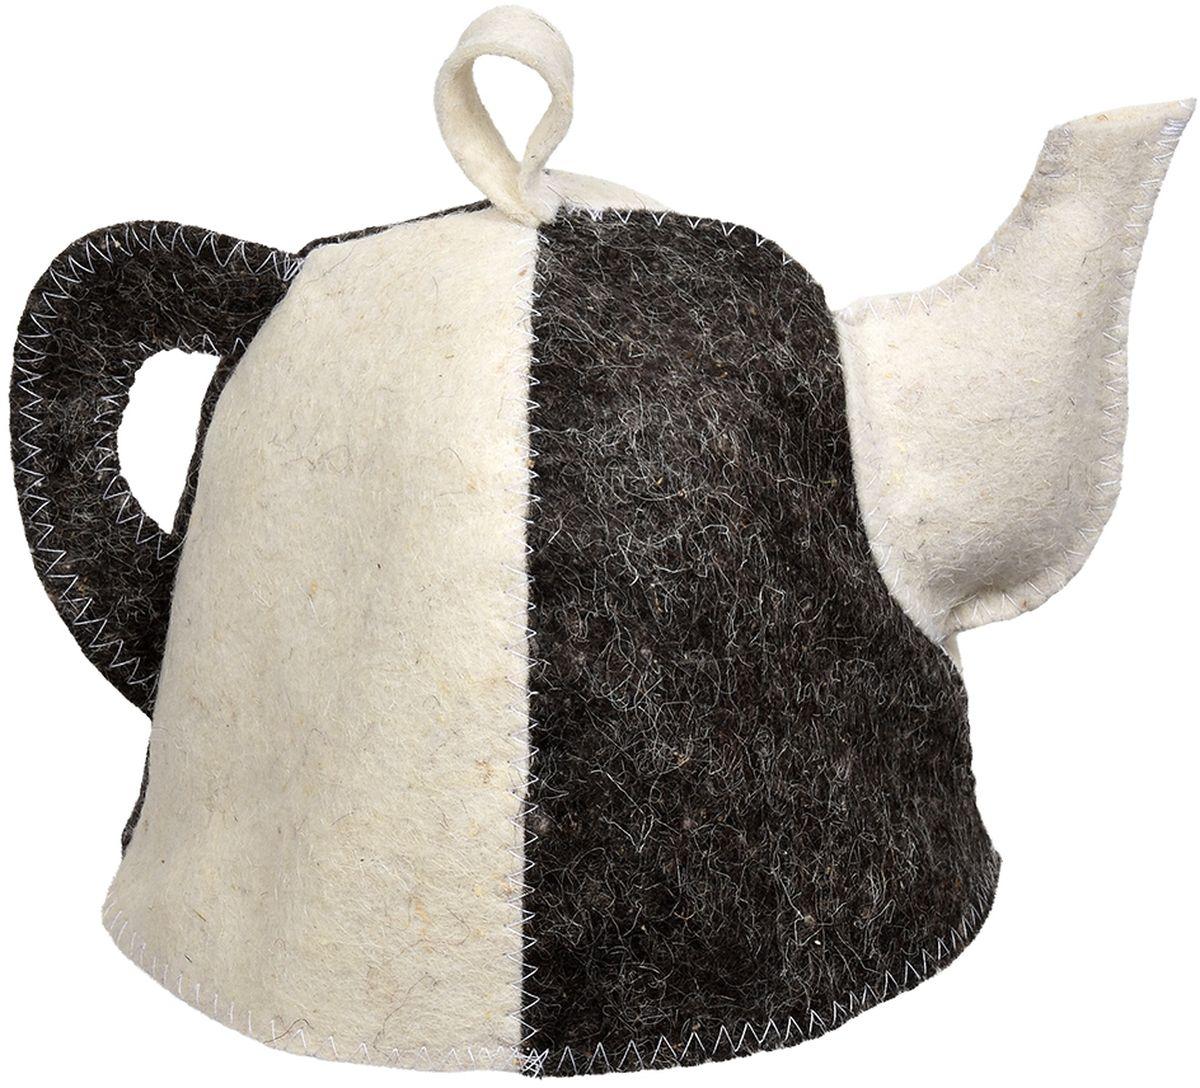 Шапка для бани и сауны Hot Pot Чайник Комби41207Шапка для бани и сауны Hot Pot — это необходимый аксессуар при посещениипарной. Такая шапка защитит от головокружения и перегрева головы, а такжепредотвратит ломкость и сухость волос. Изделие замечательно впитывает влагу,хорошо сидит на голове, обеспечивает комфорт и удовольствие от отдыха впарилке. Незаменима в традиционной русской бане, также используется вфинских саунах, где температура сухого воздуха может достигать 100°С. Шапкавыполнена в оригинальном дизайне и дополнена петлей для подвешивания накрючок.